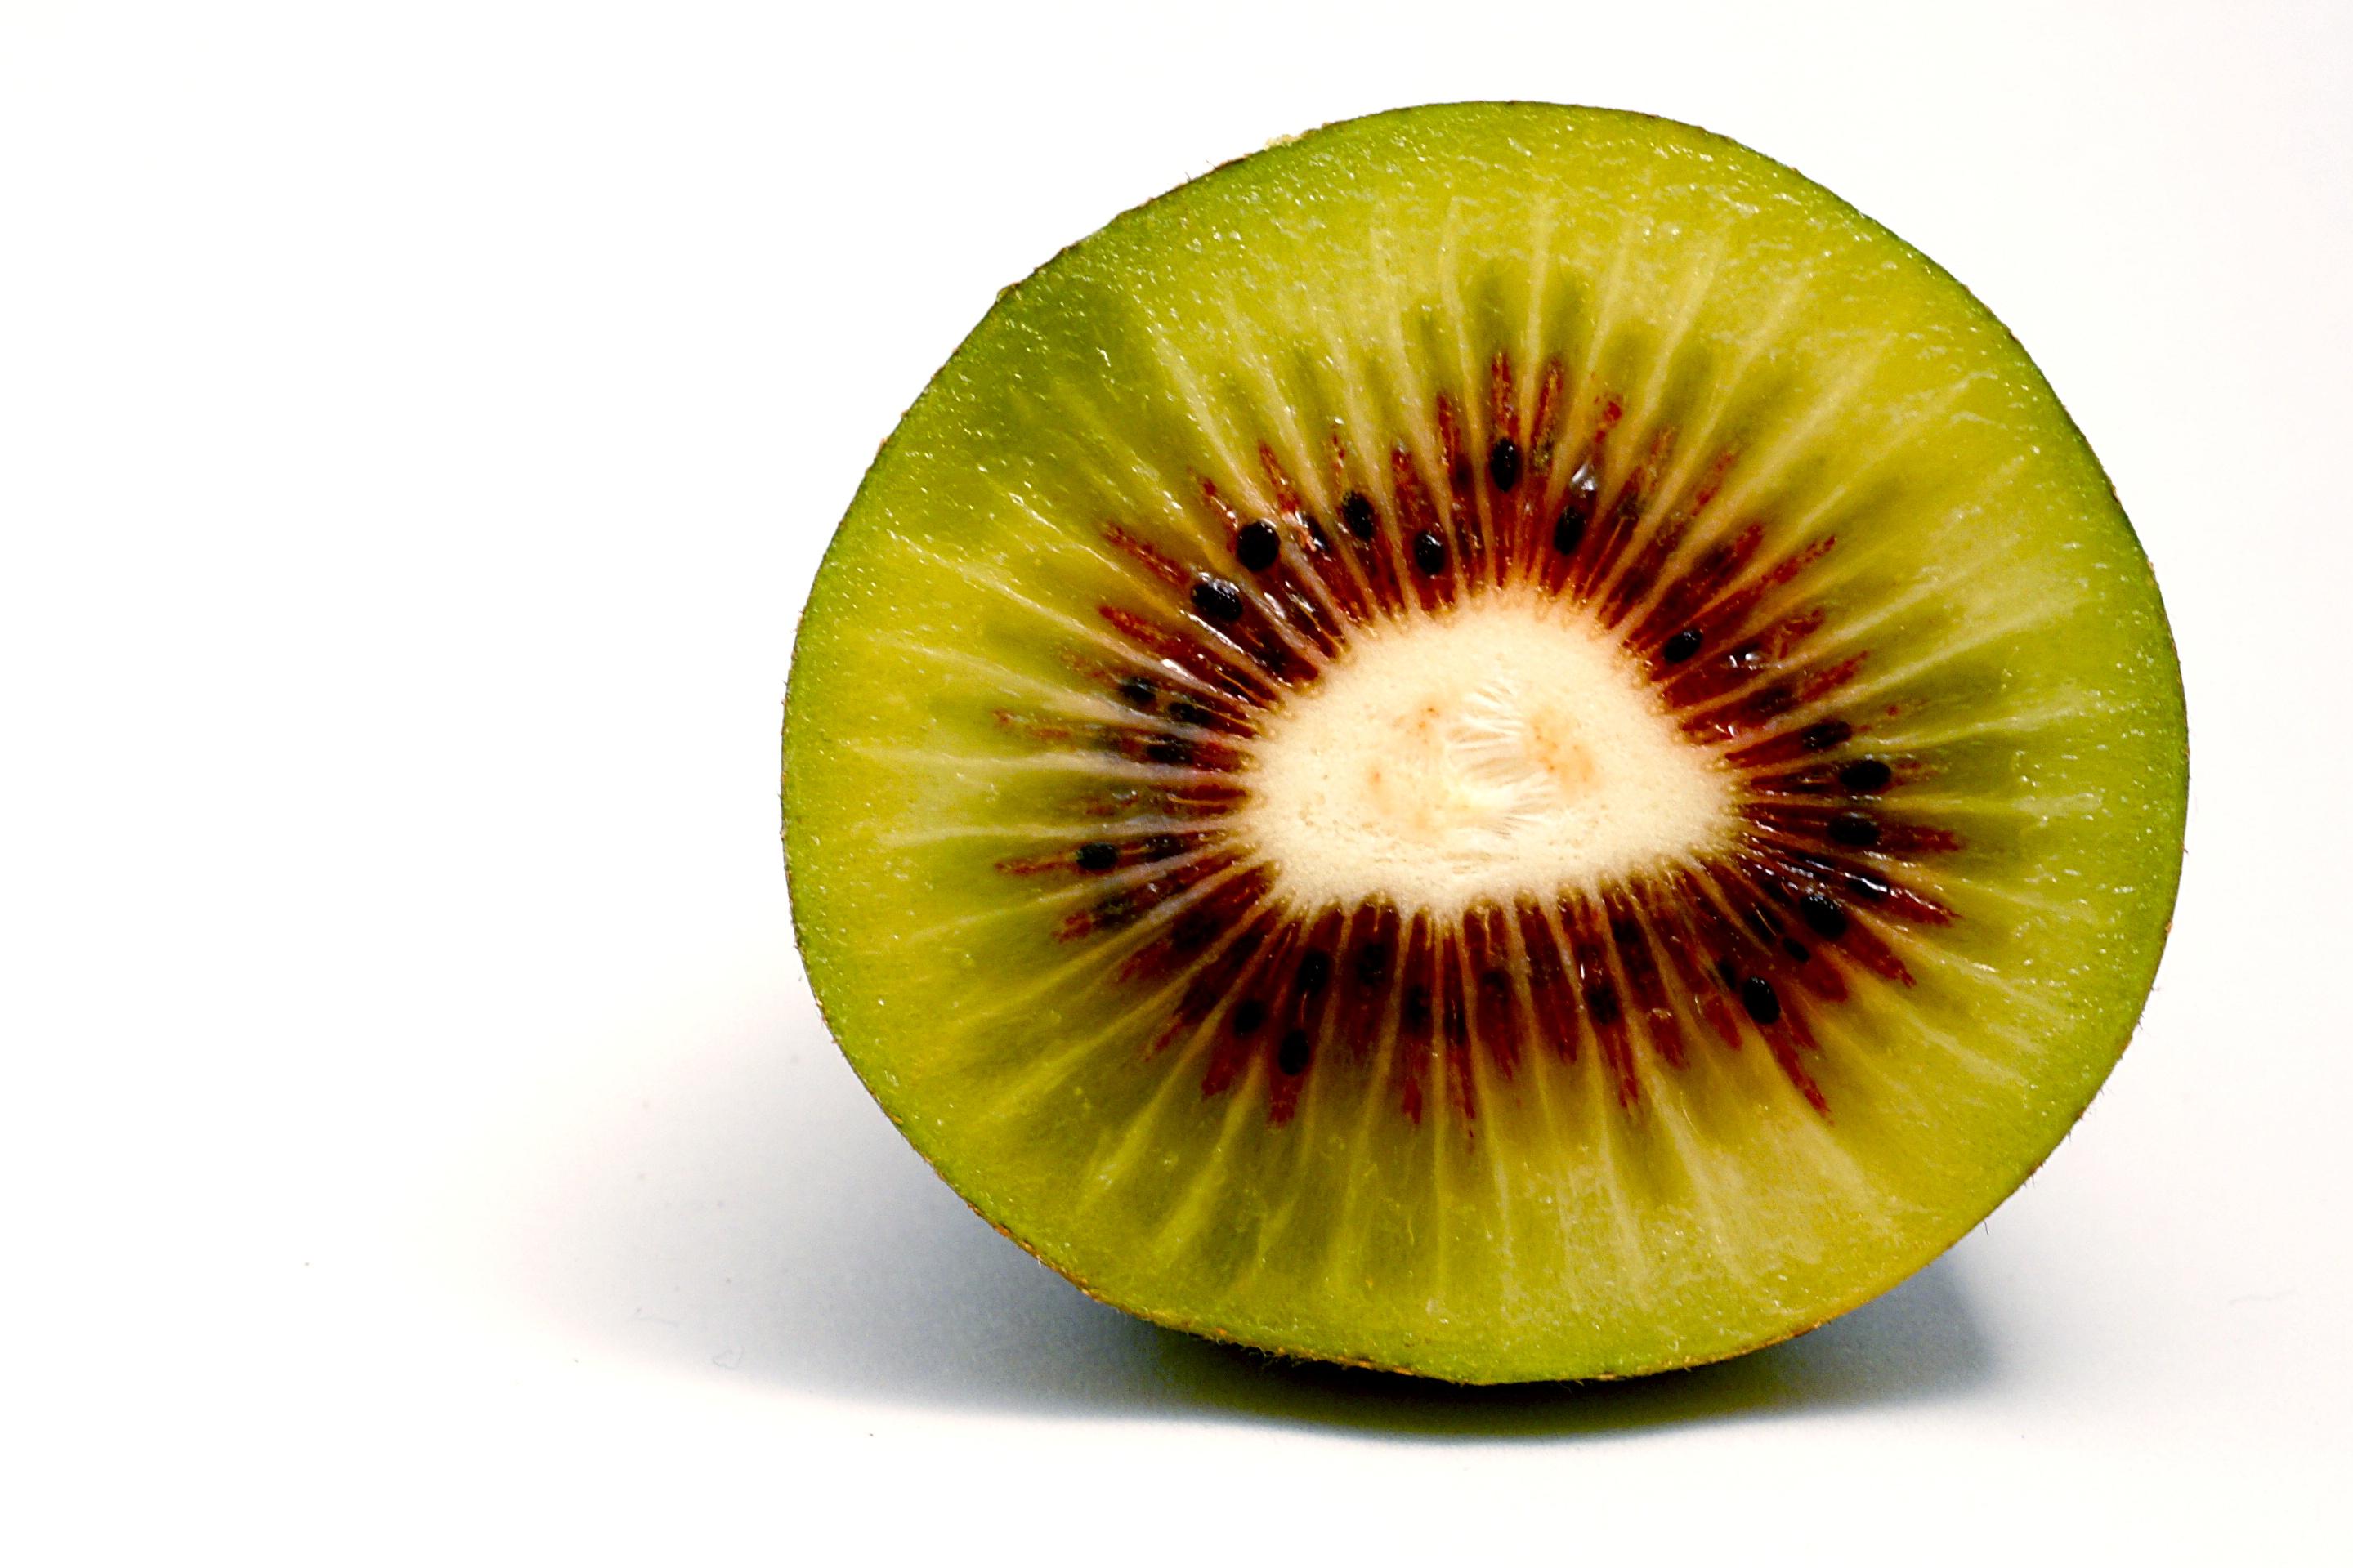 red fruit kiwi fruit